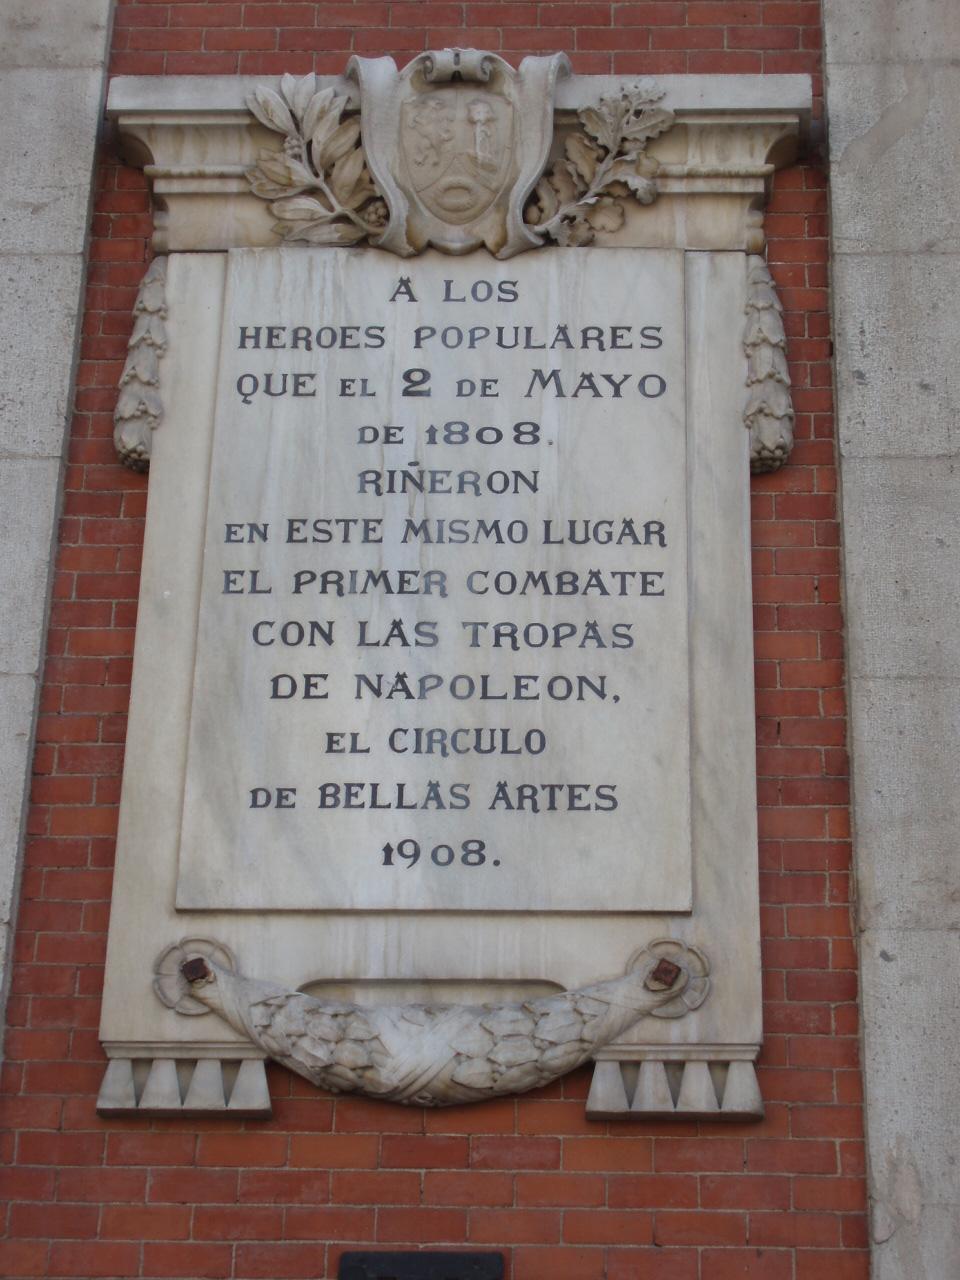 Placa 2 de mayo, Puerta del Sol